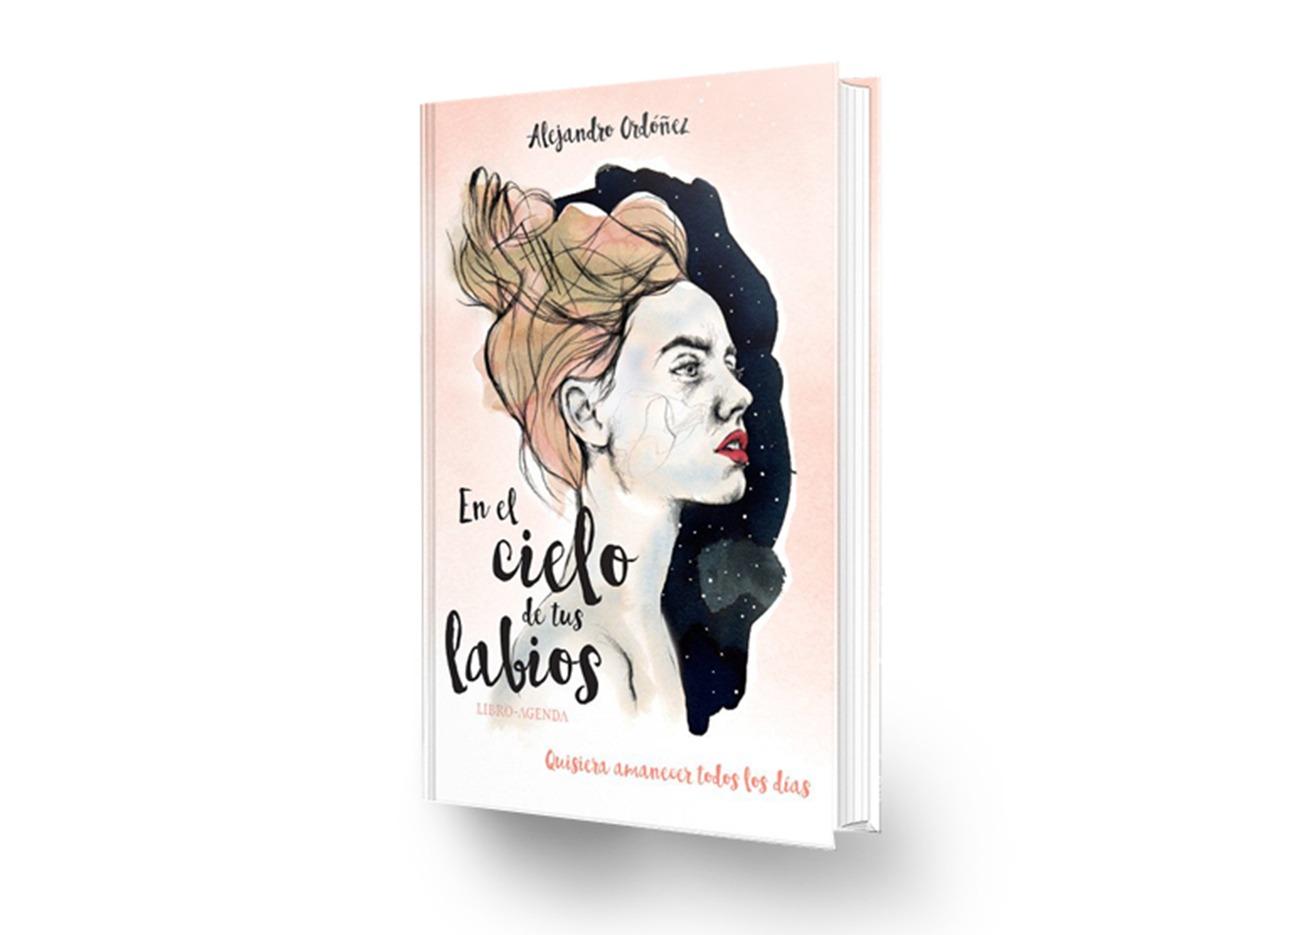 Libro agenda Alejandro Ordoñez y Mina Ilustraciones